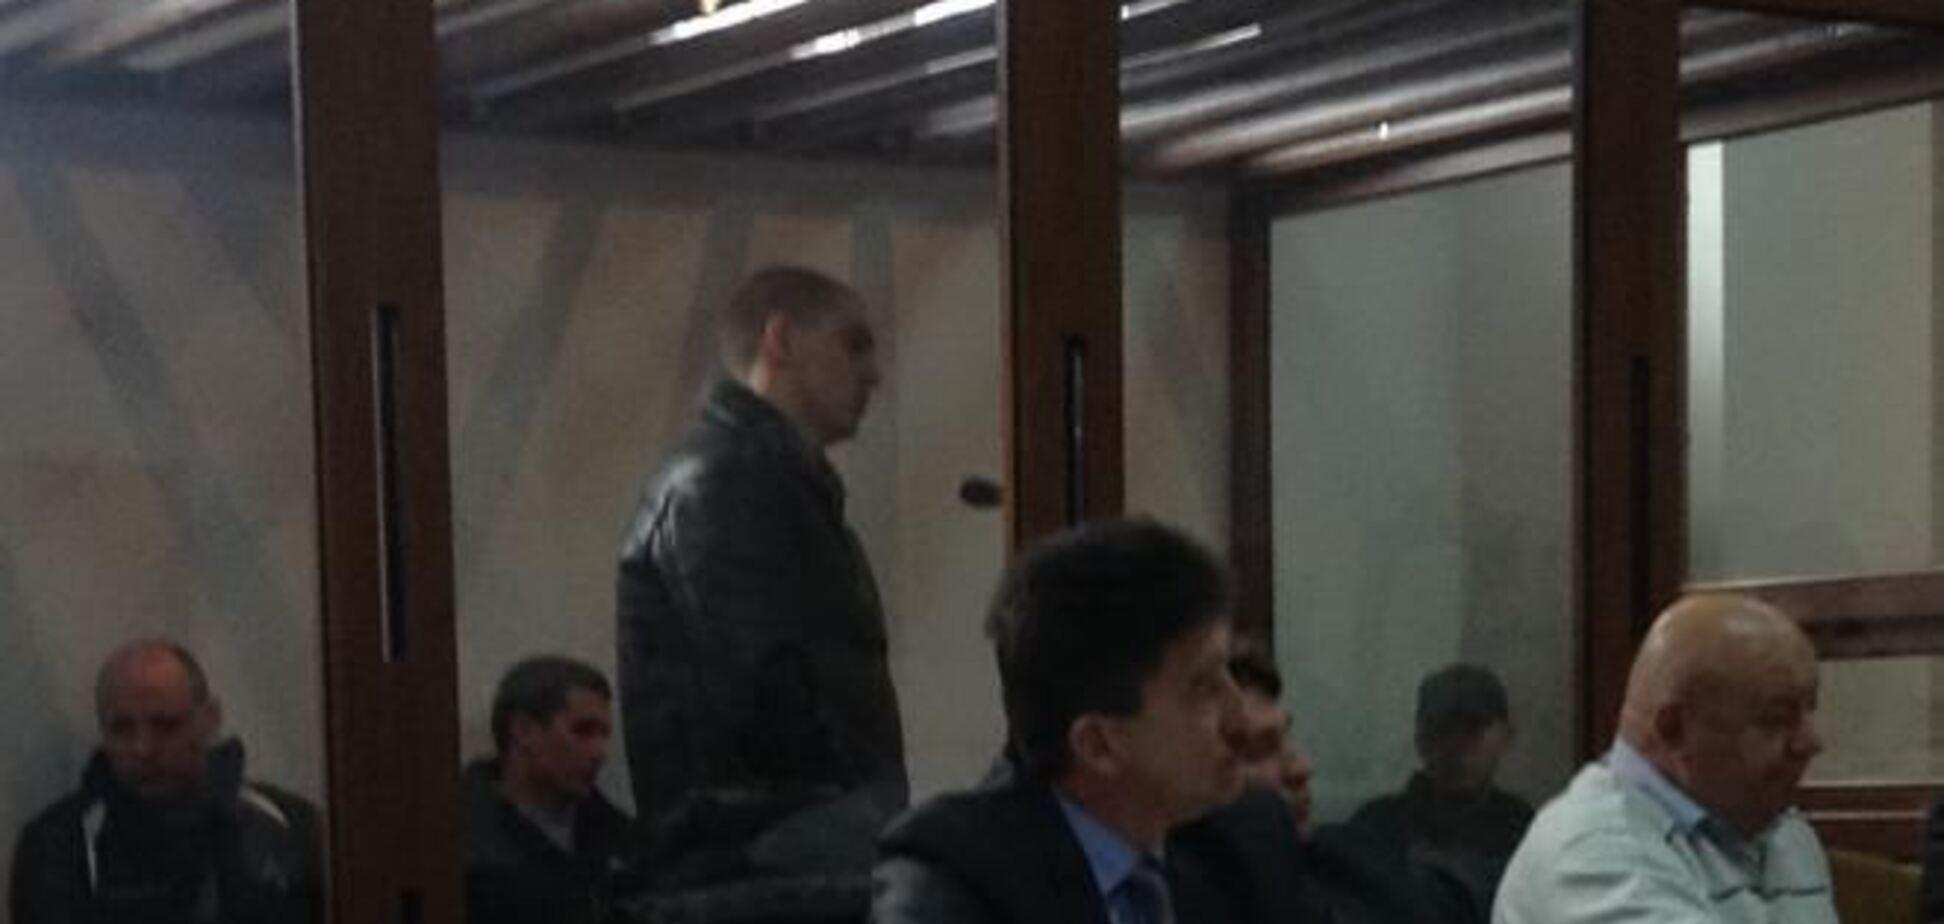 Дрижак и Полищук угрожают таксисту и его семье расправой